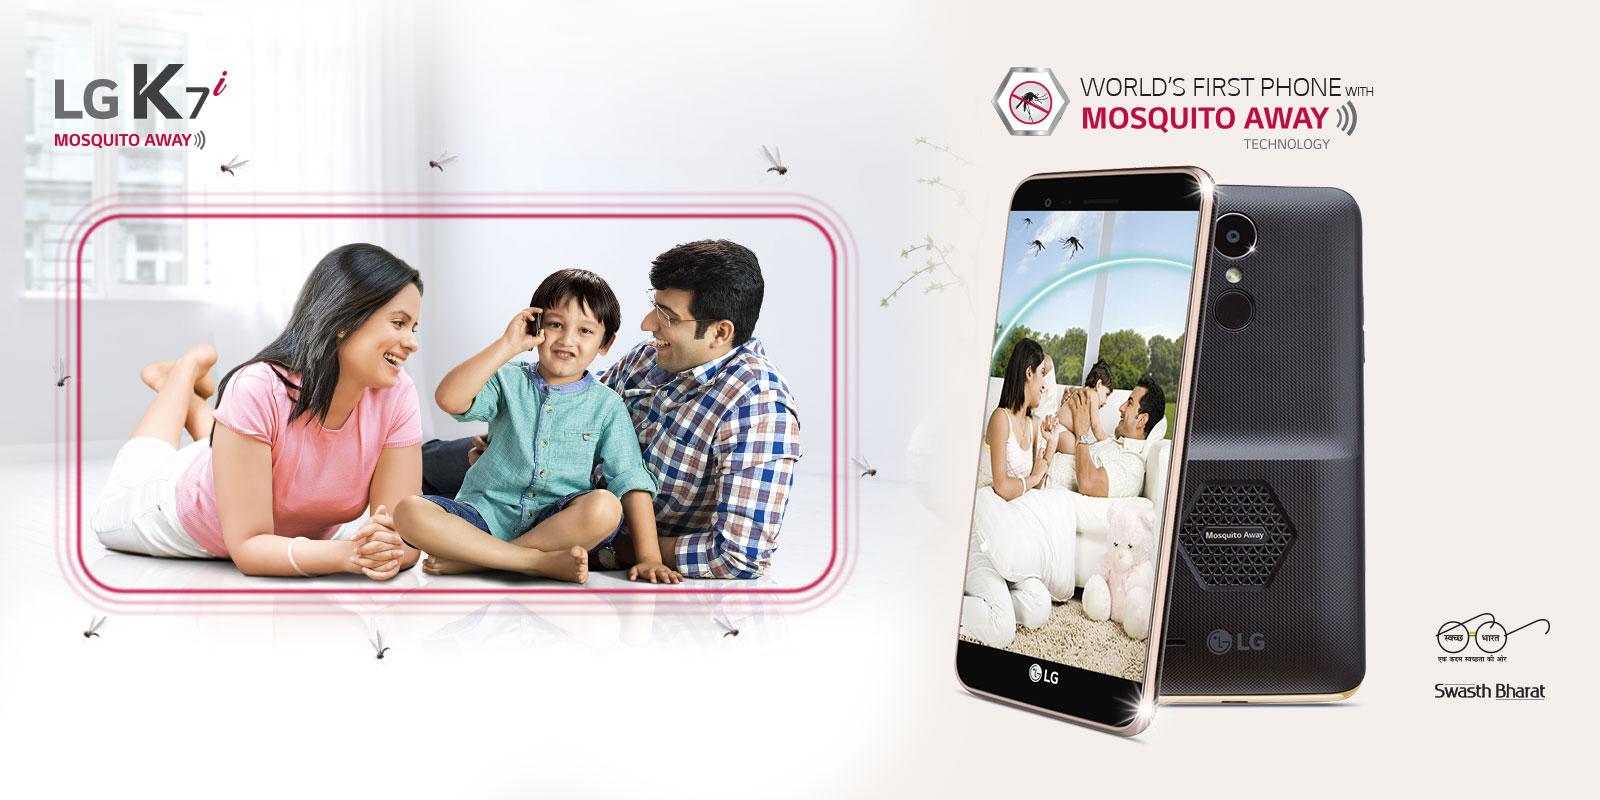 LG K7i un salto de innovación siendo el primer Smartphone con tecnologia repelente de mosquitos.